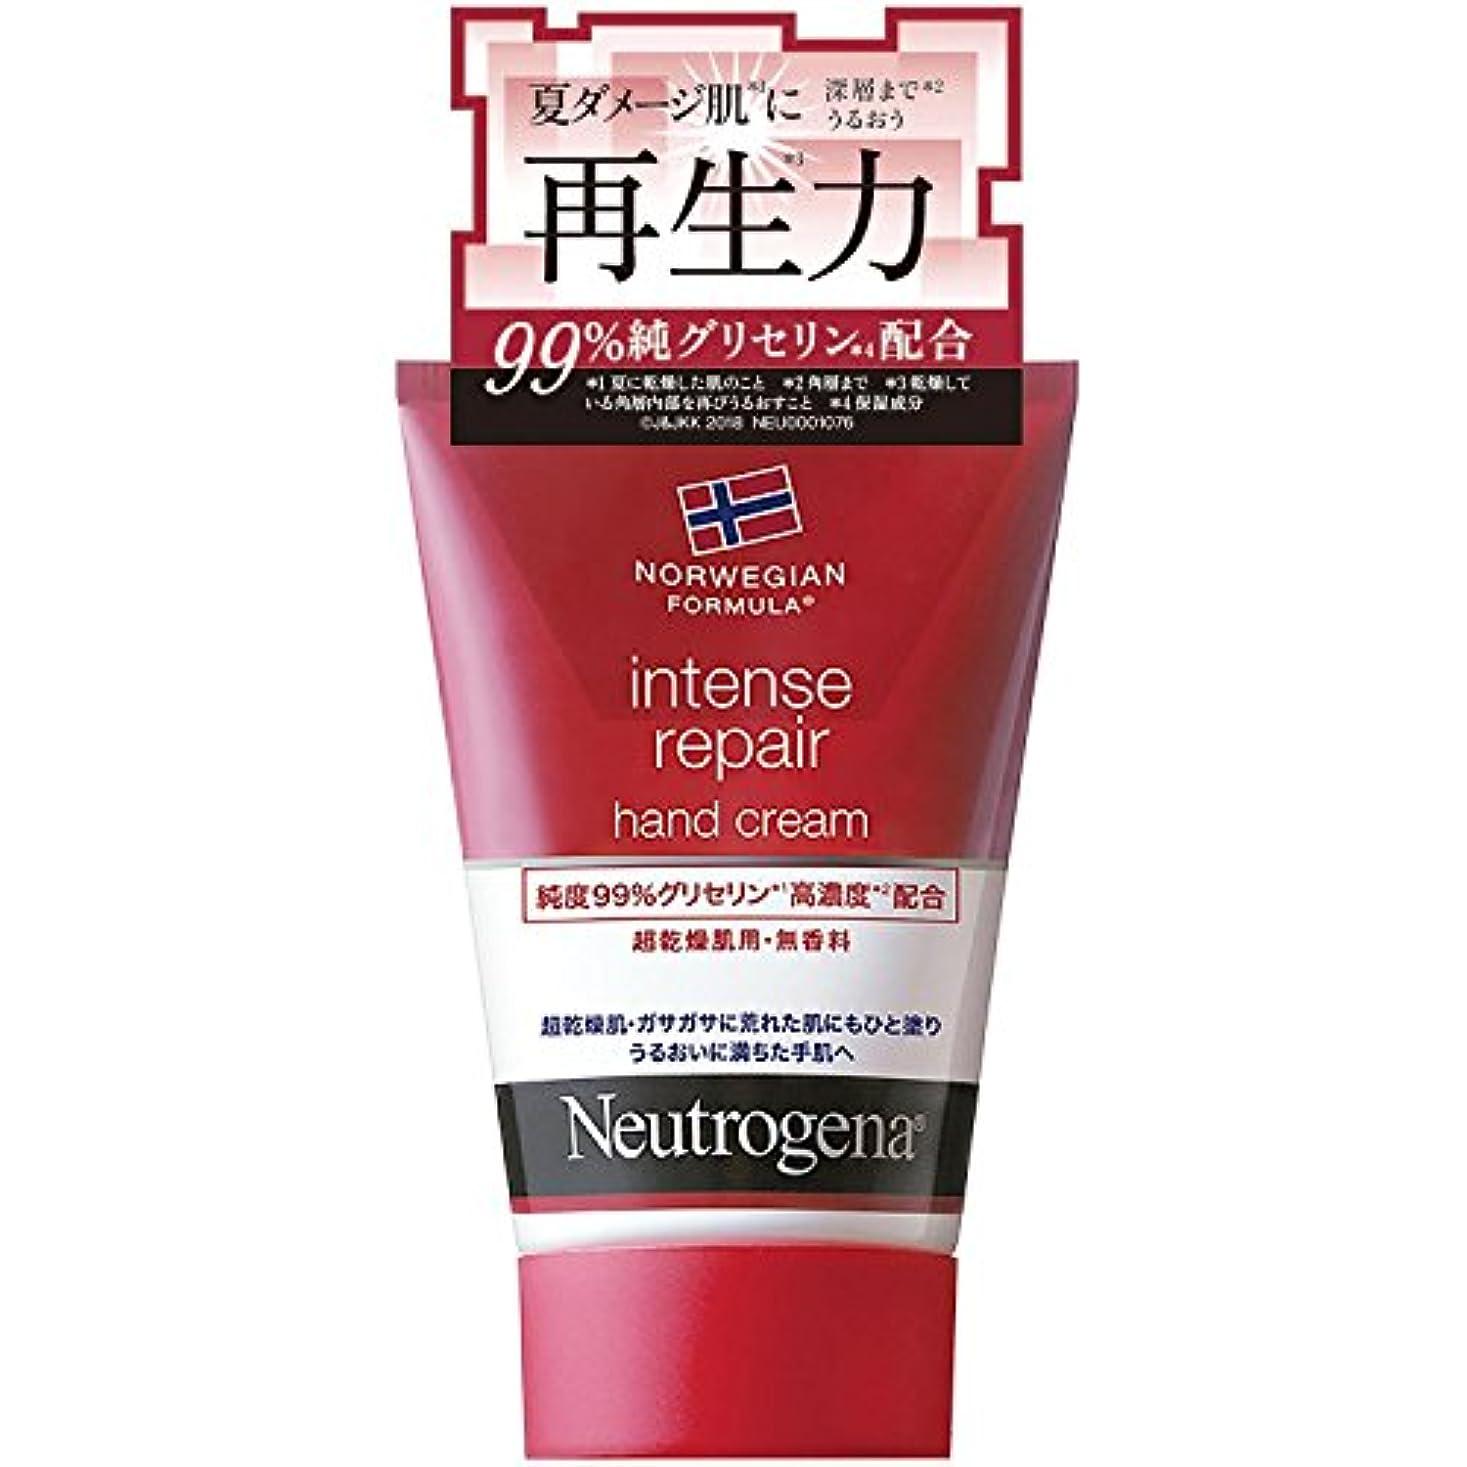 広範囲達成メッセンジャーNeutrogena(ニュートロジーナ) ノルウェーフォーミュラ インテンスリペア ハンドクリーム 超乾燥肌用 無香料 単品 50g